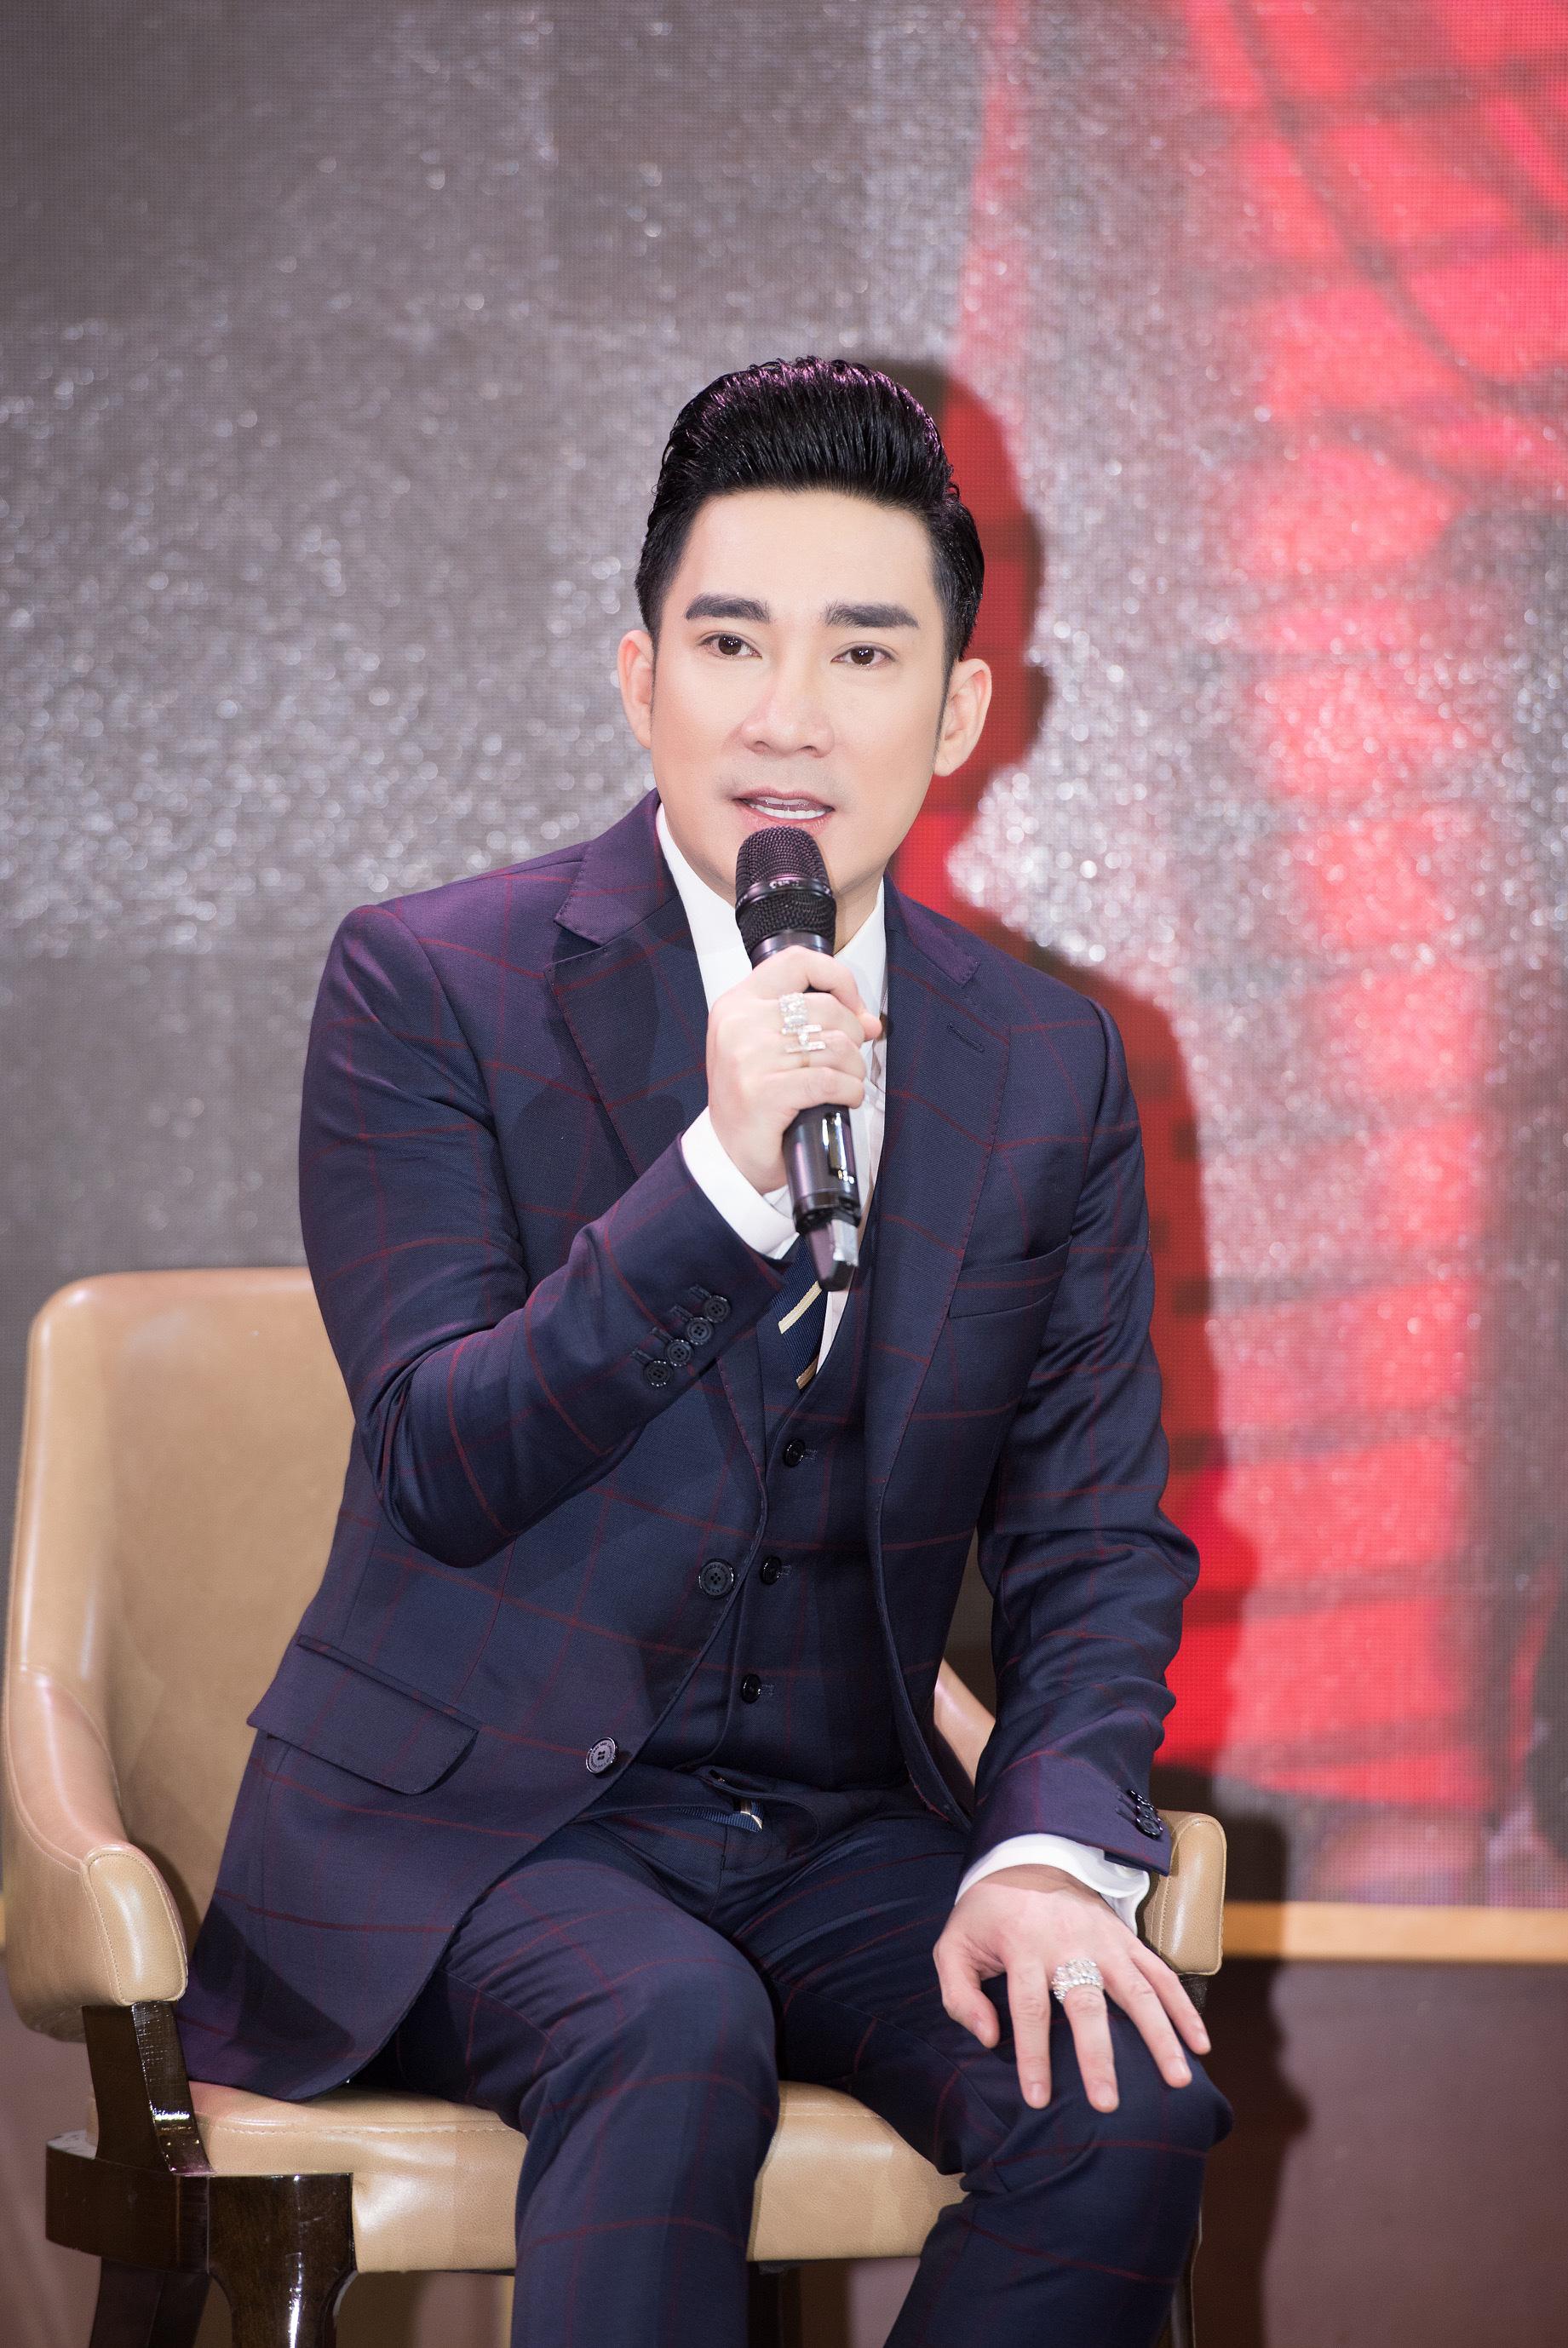 Quang Hà học Kiwi Ngô Mai Trang cách hát nhẹ nhàng tình cảm - Ảnh 3.